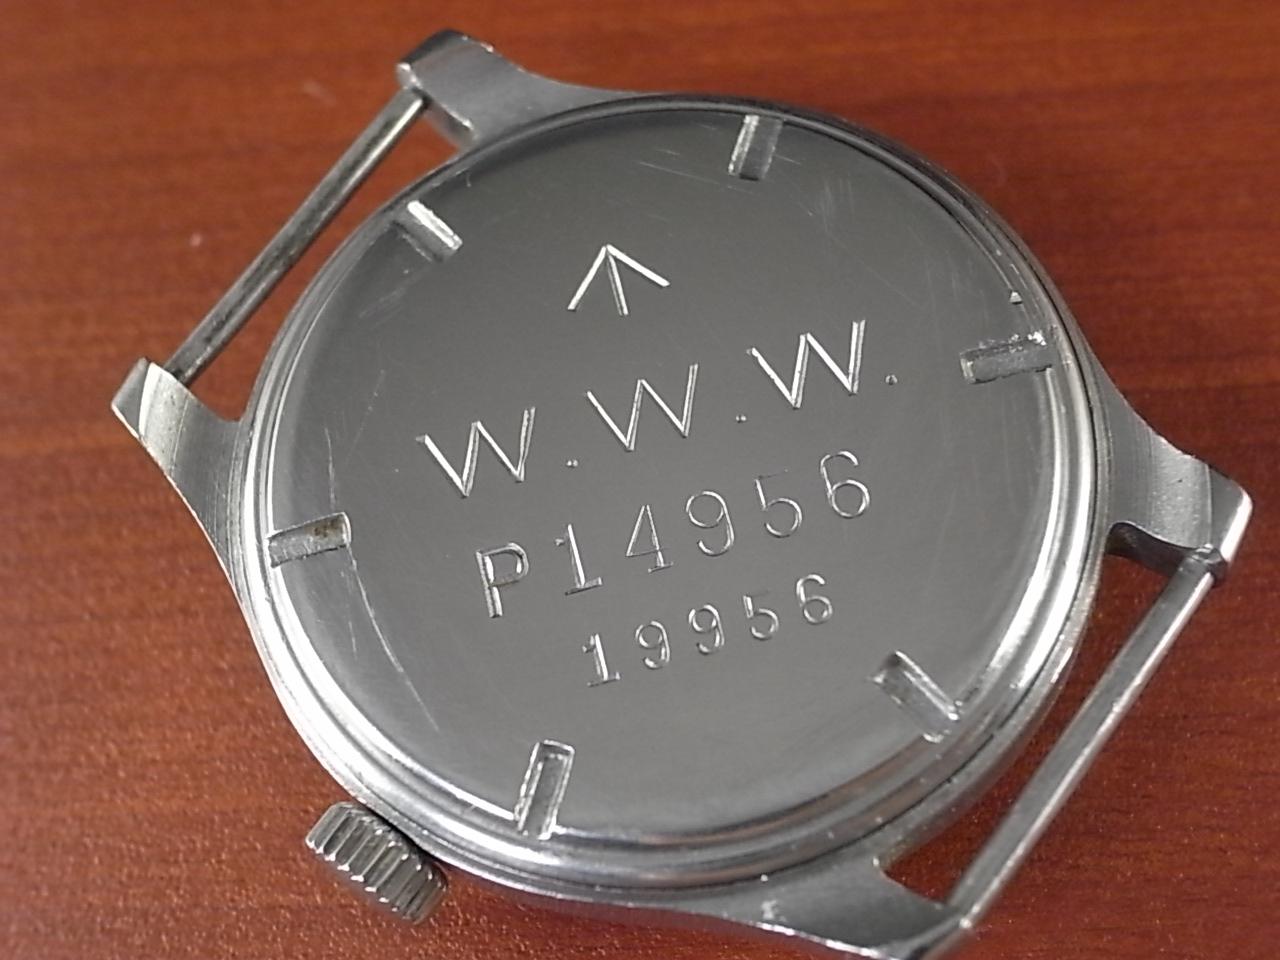 シーマ 軍用時計 イギリス陸軍 W.W.W. ラージケース 第二次世界大戦 1940年代の写真4枚目